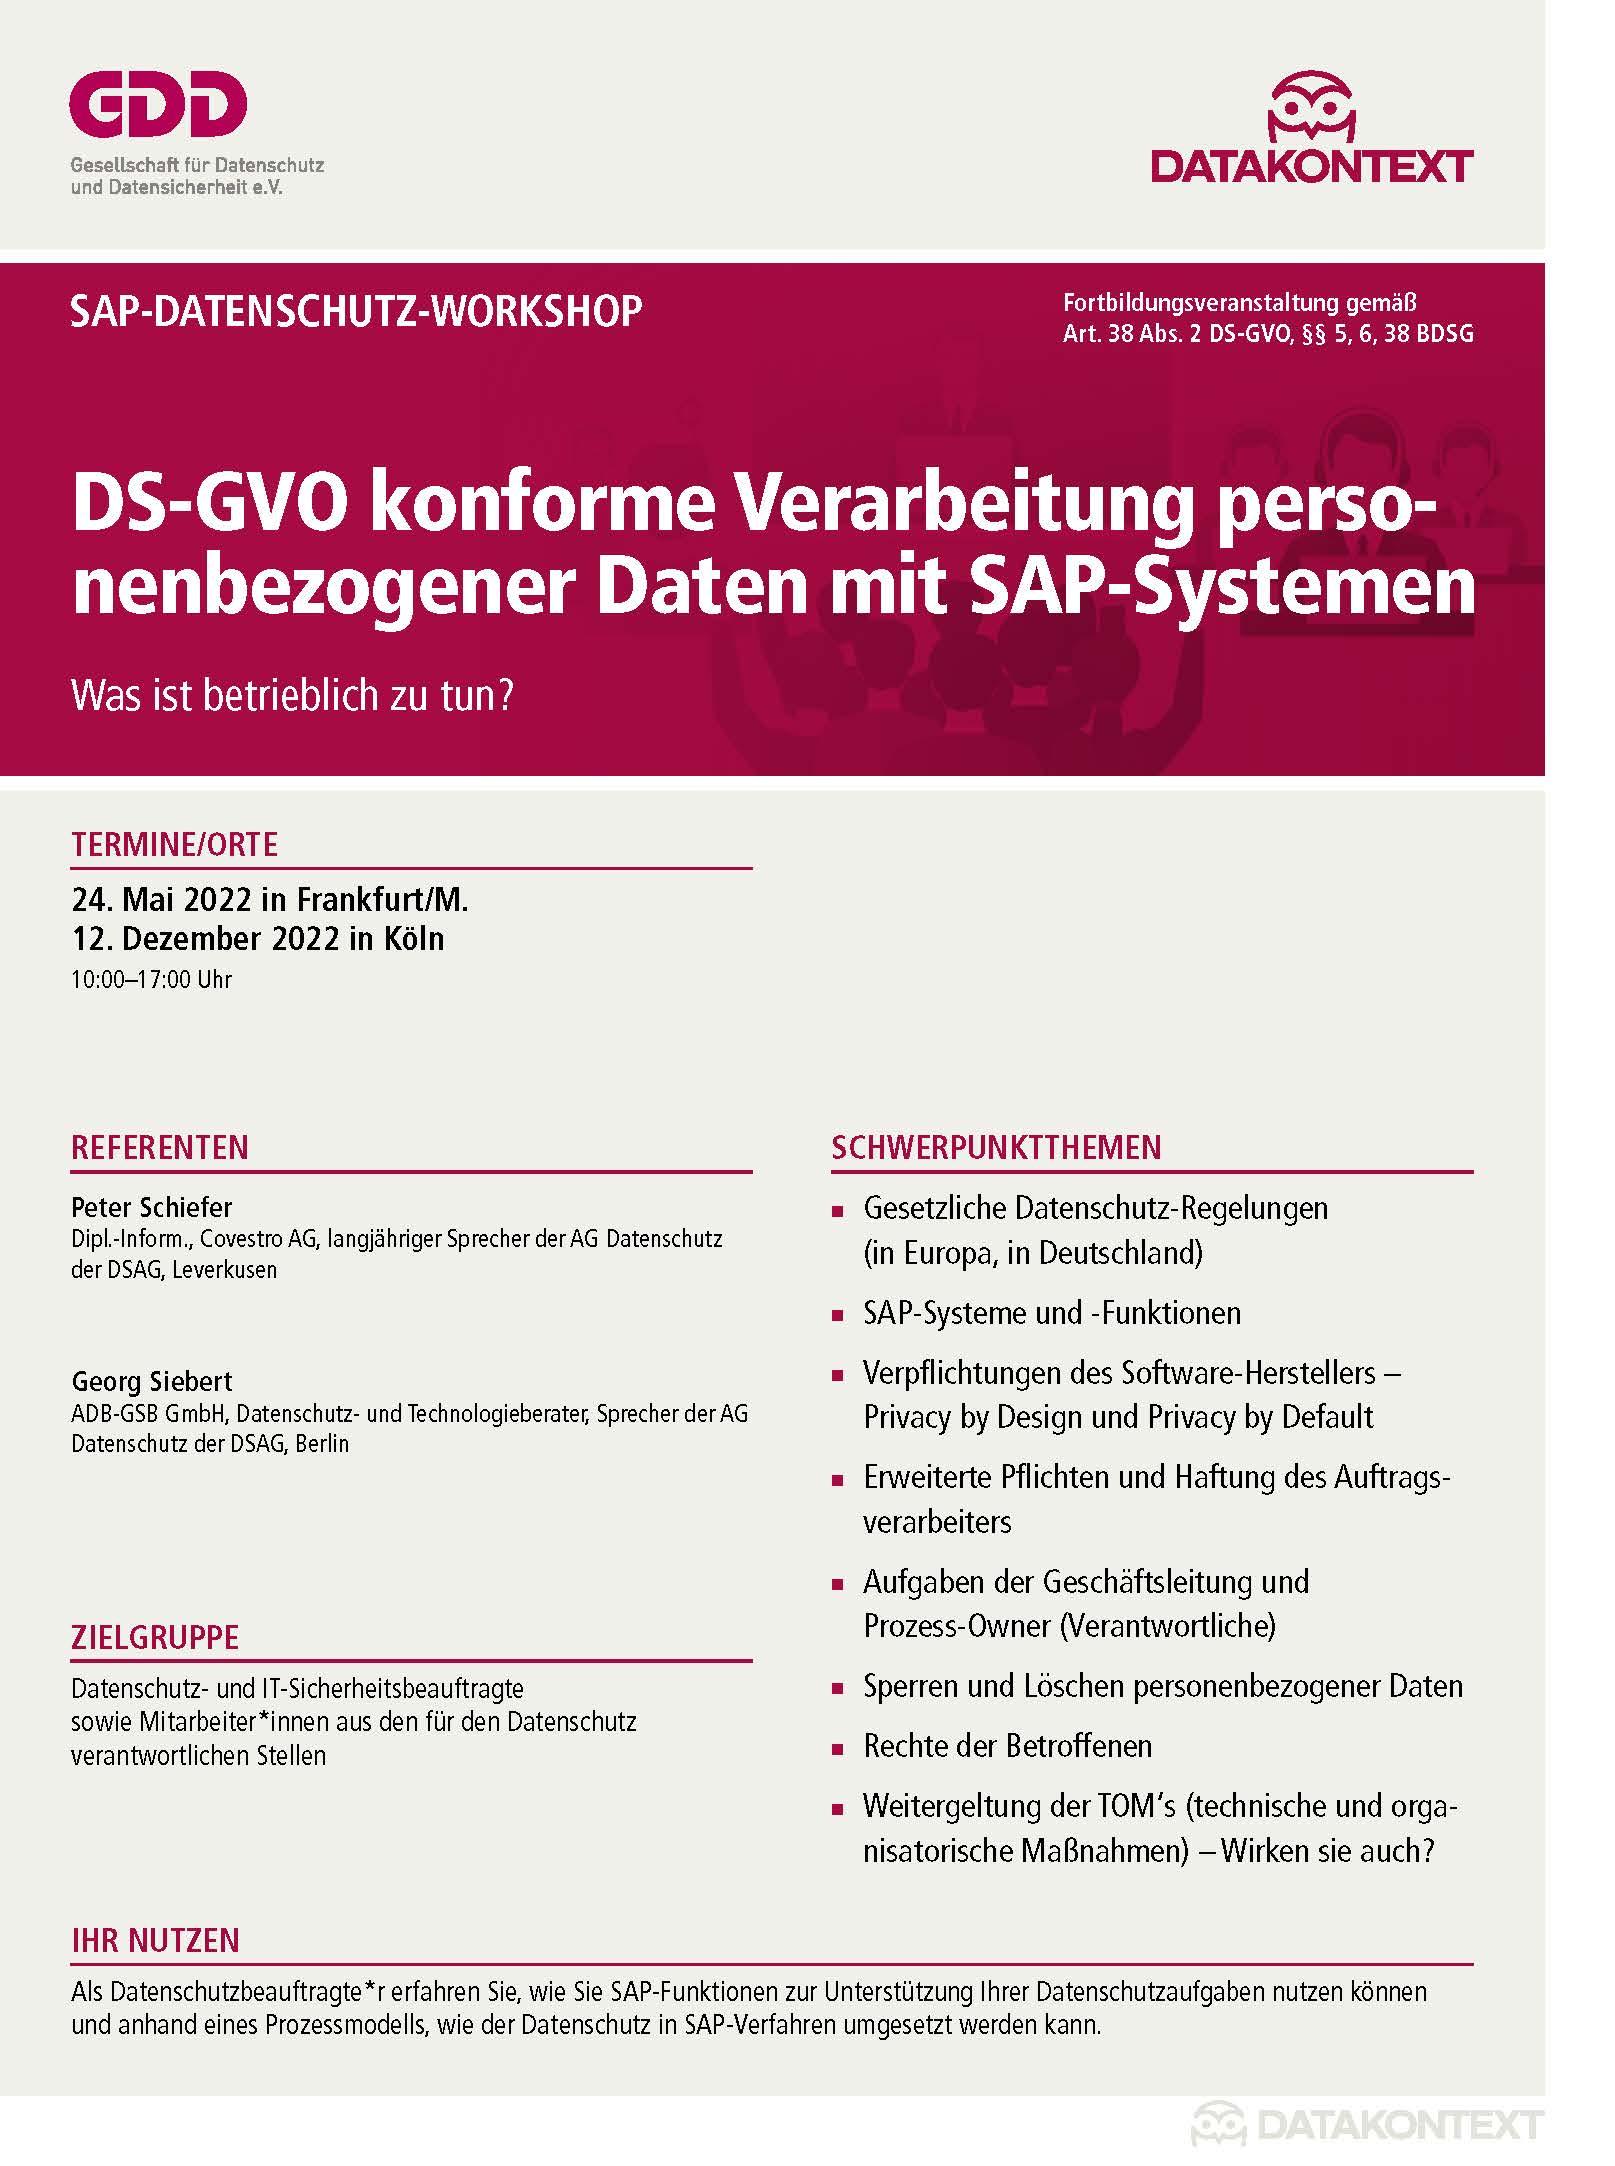 DS-GVO konforme Verarbeitung personenbezogener Daten mit SAP-Systemen